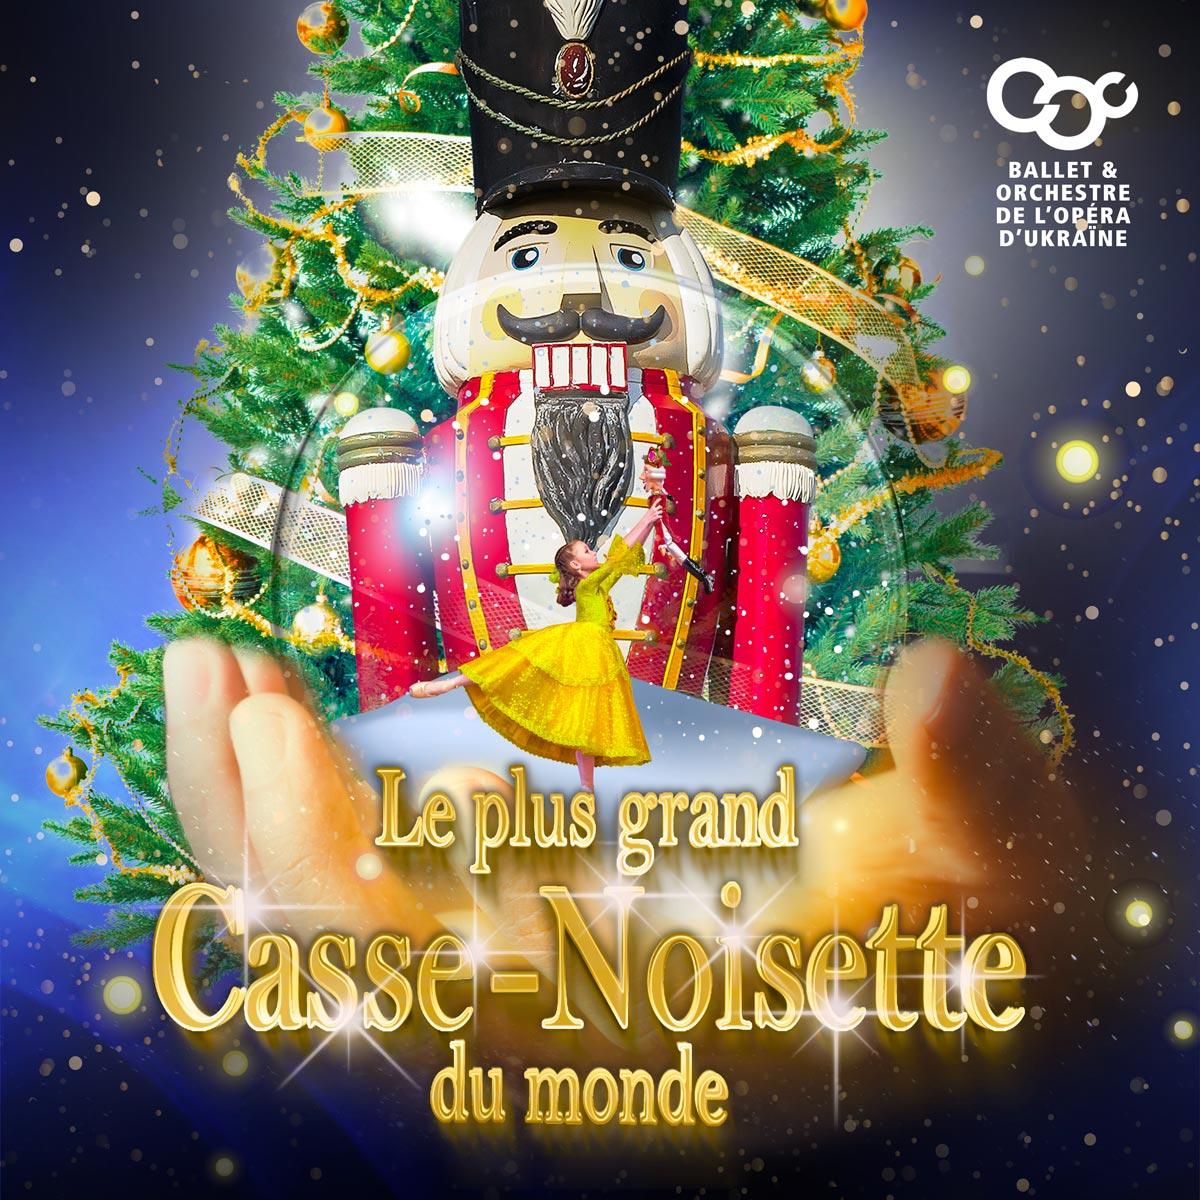 Le plus grand Casse-Noisette du monde, ballet & orchestre de l'opéra d'Ukraine